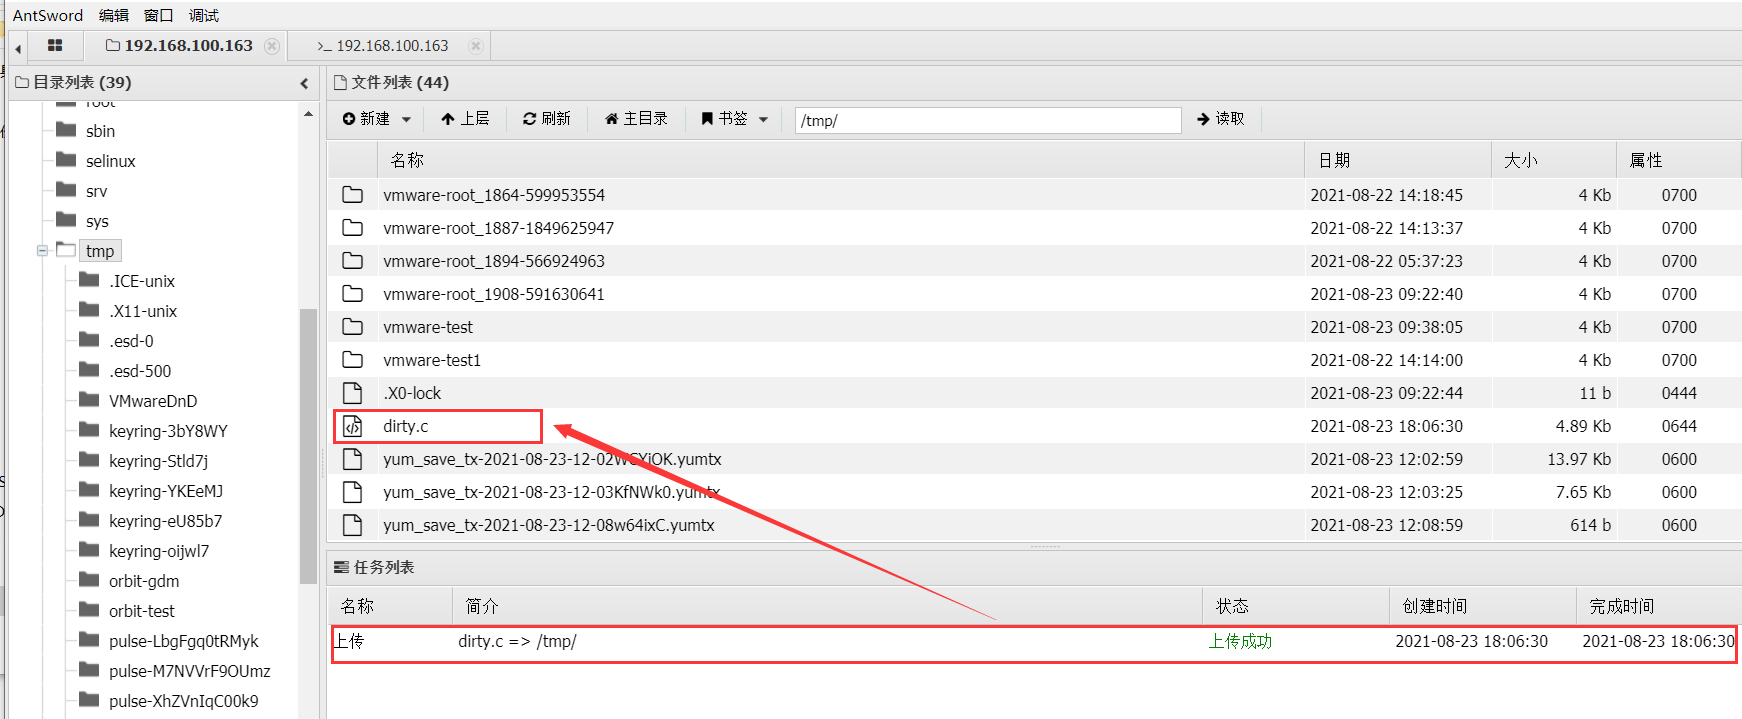 【内网—权限提升】——linux本地提权_脏牛漏洞提权